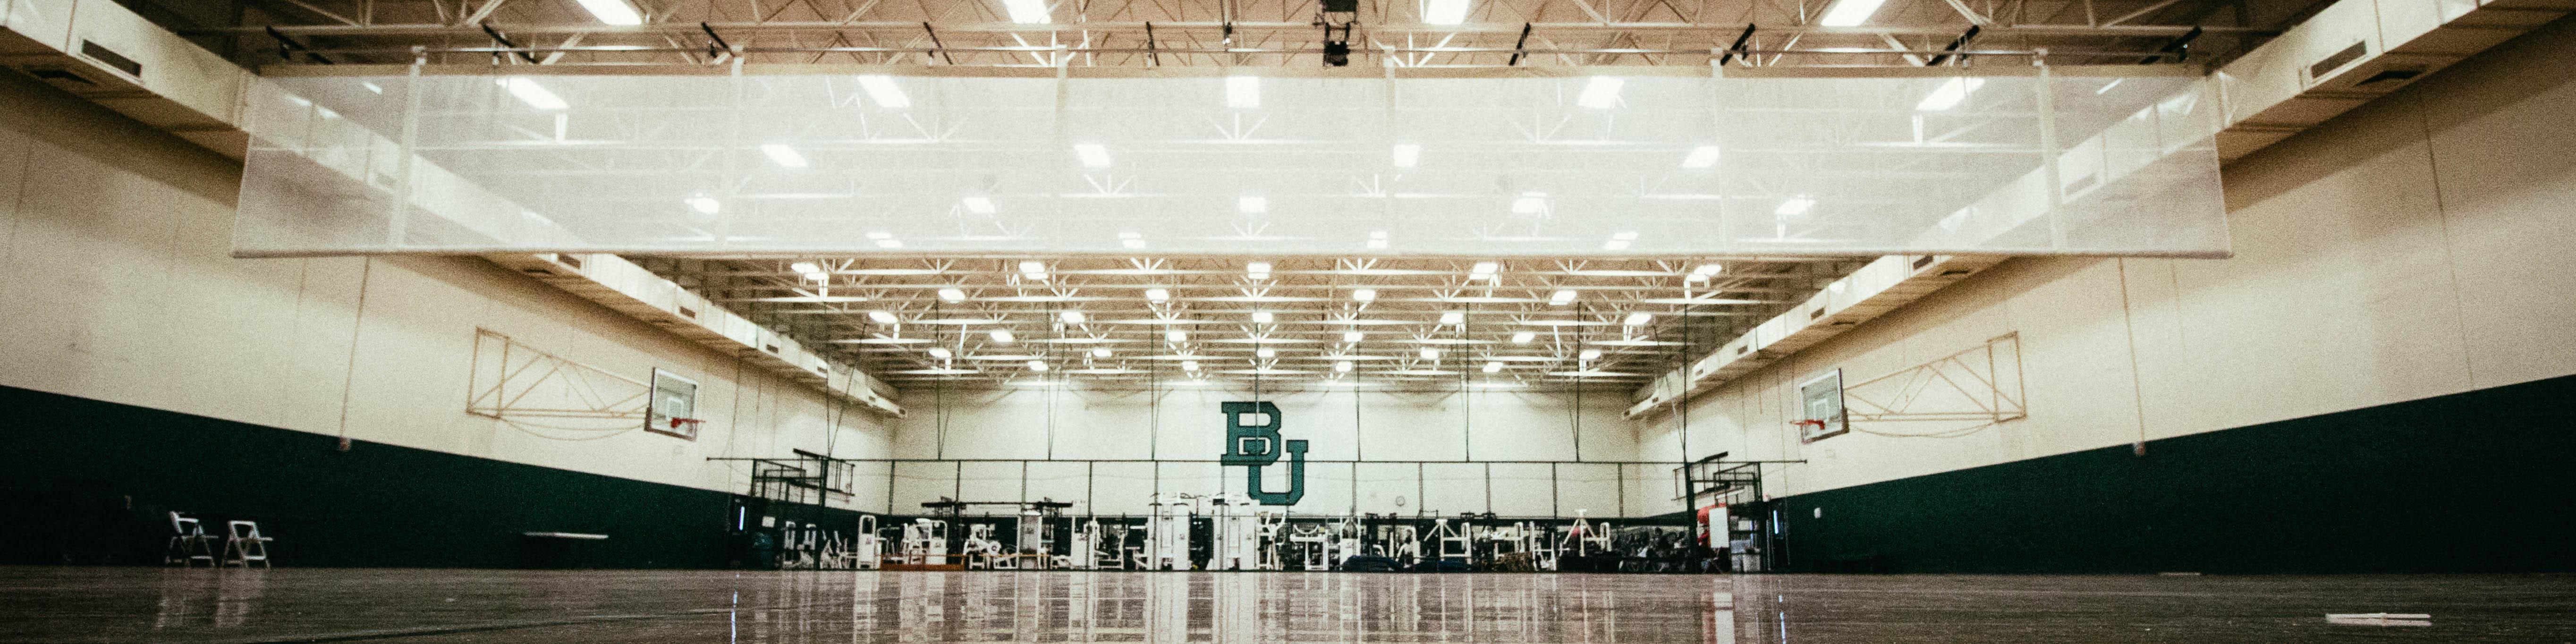 Russell Gymnasium